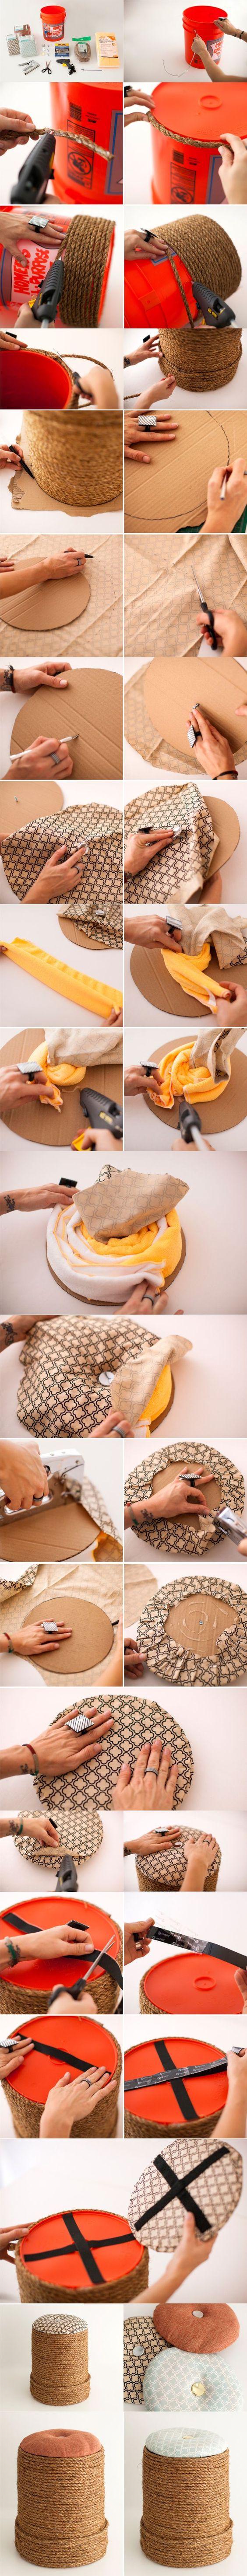 Pastel de galletas y moka